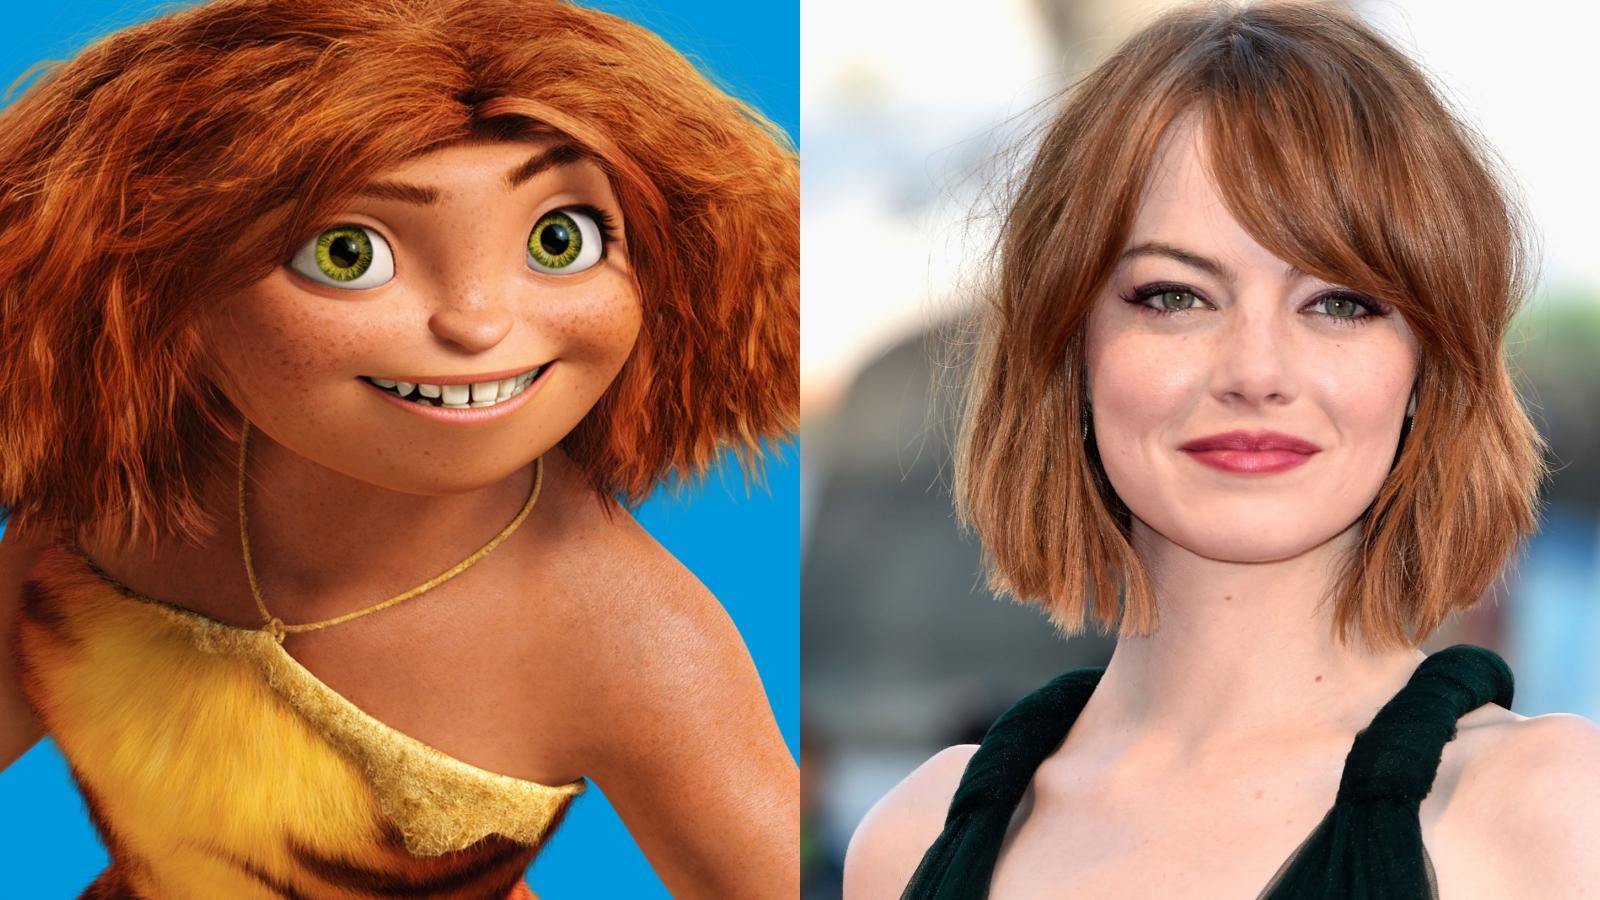 Dàn sao Emma Stone, Ryan Reynolds trở lại lồng tiếng cho Gia đình Croods phần 2